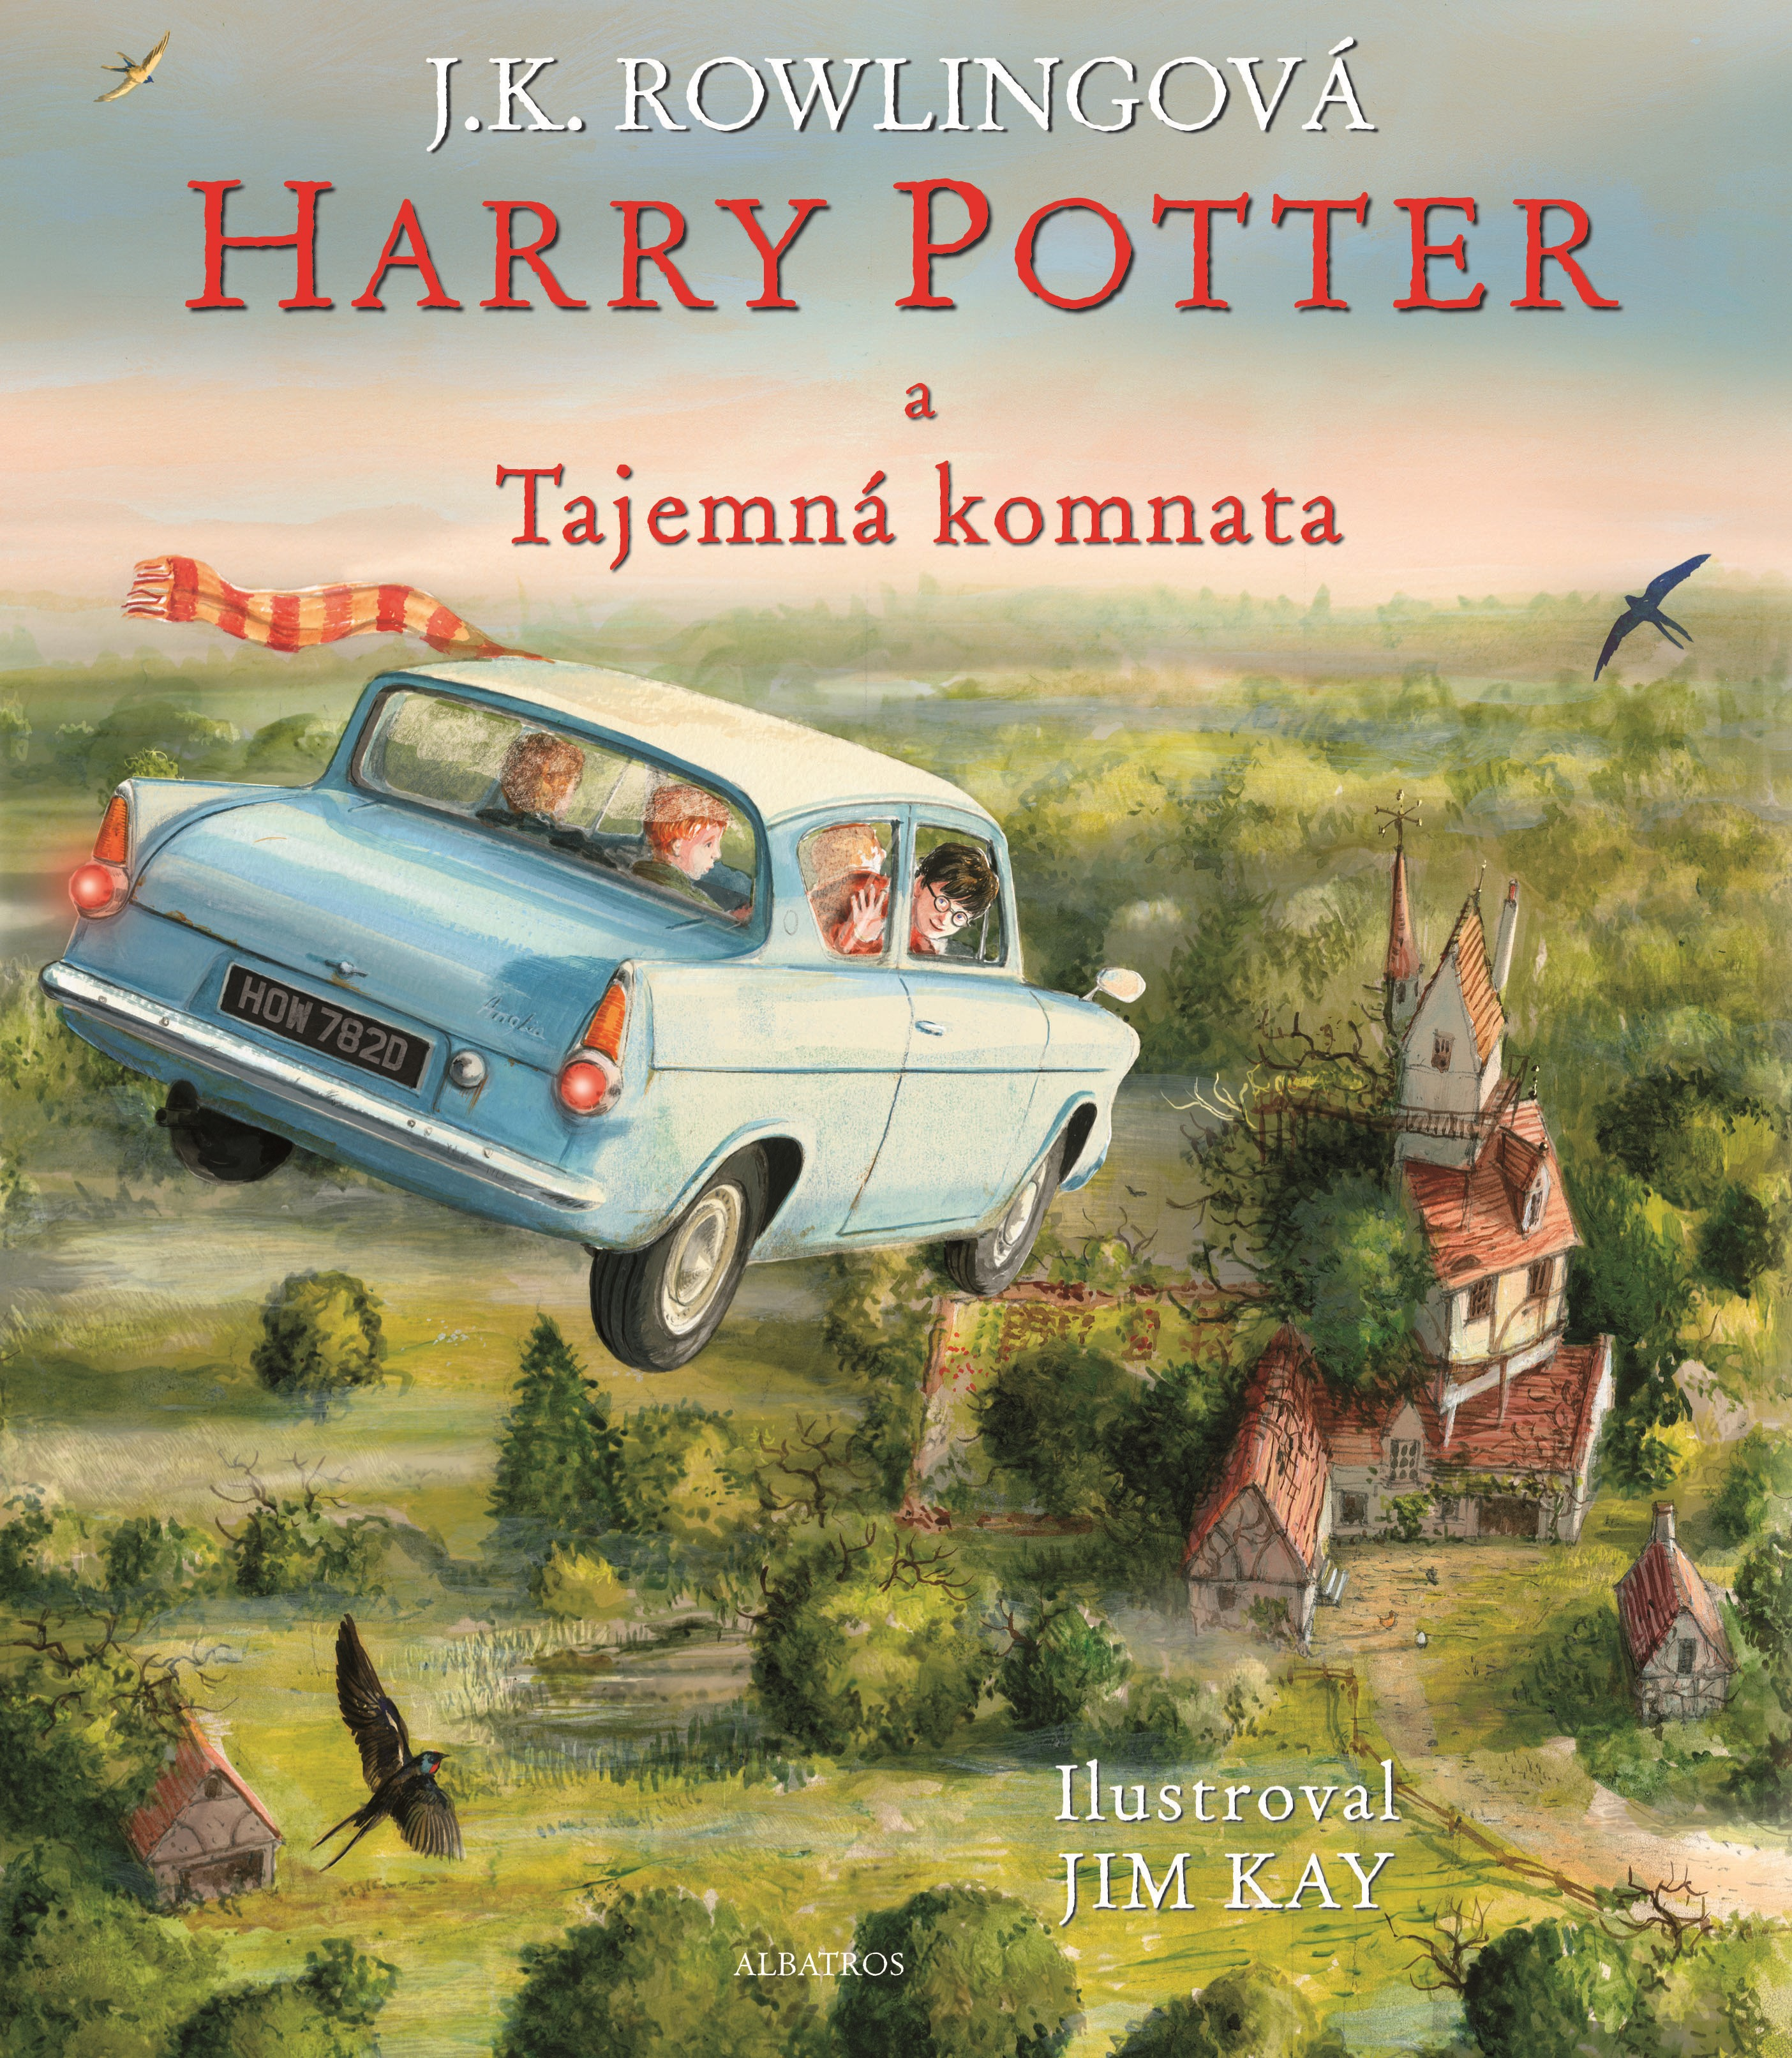 Harry Potter a Tajemná komnata - ilustrované vydání